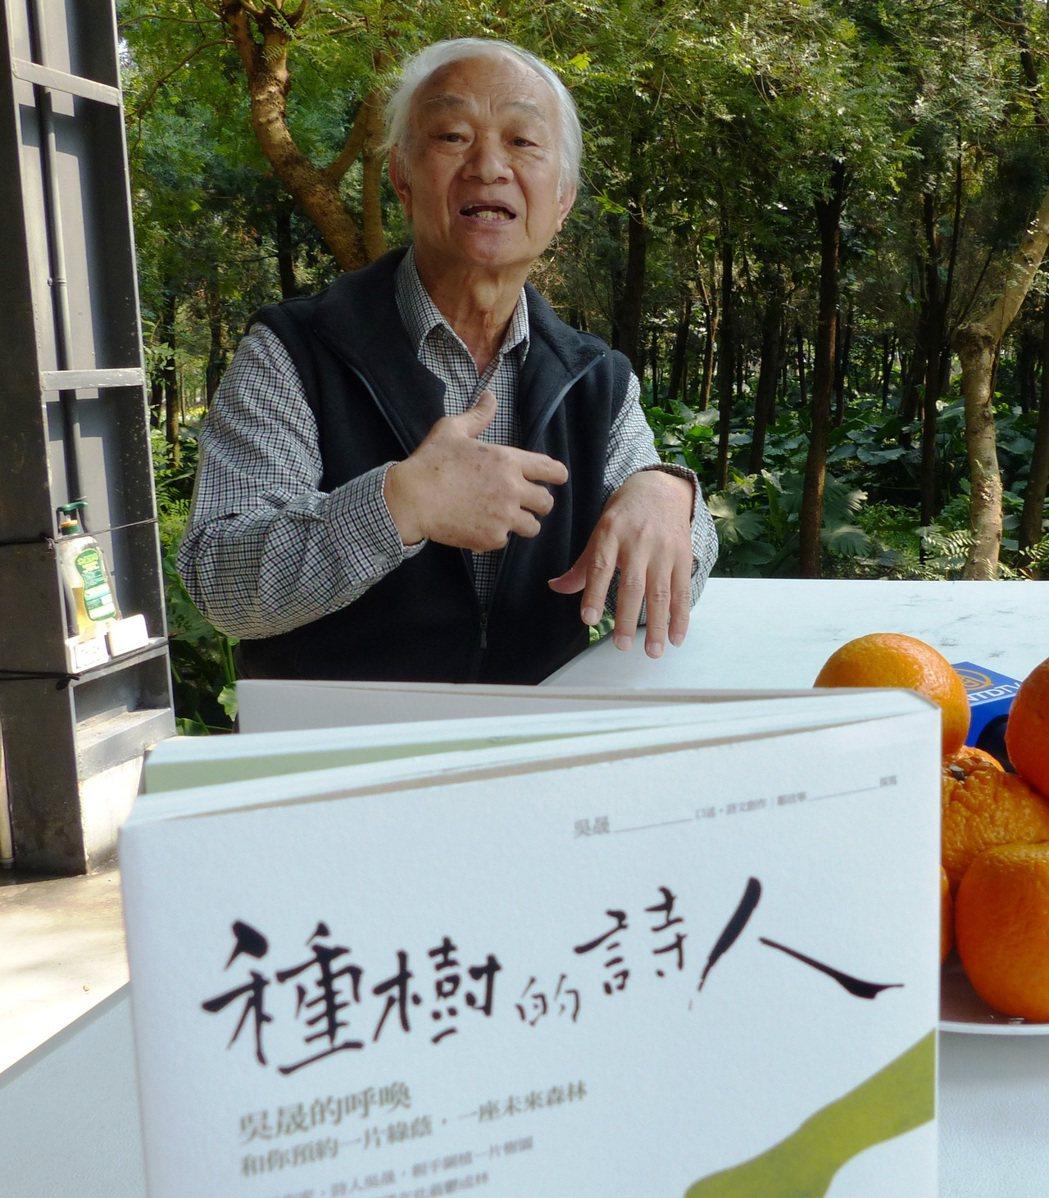 詩人吳晟種植大片平地林都是台灣原生種,新書「種樹的詩人」也是推廣種樹、種對樹觀念...